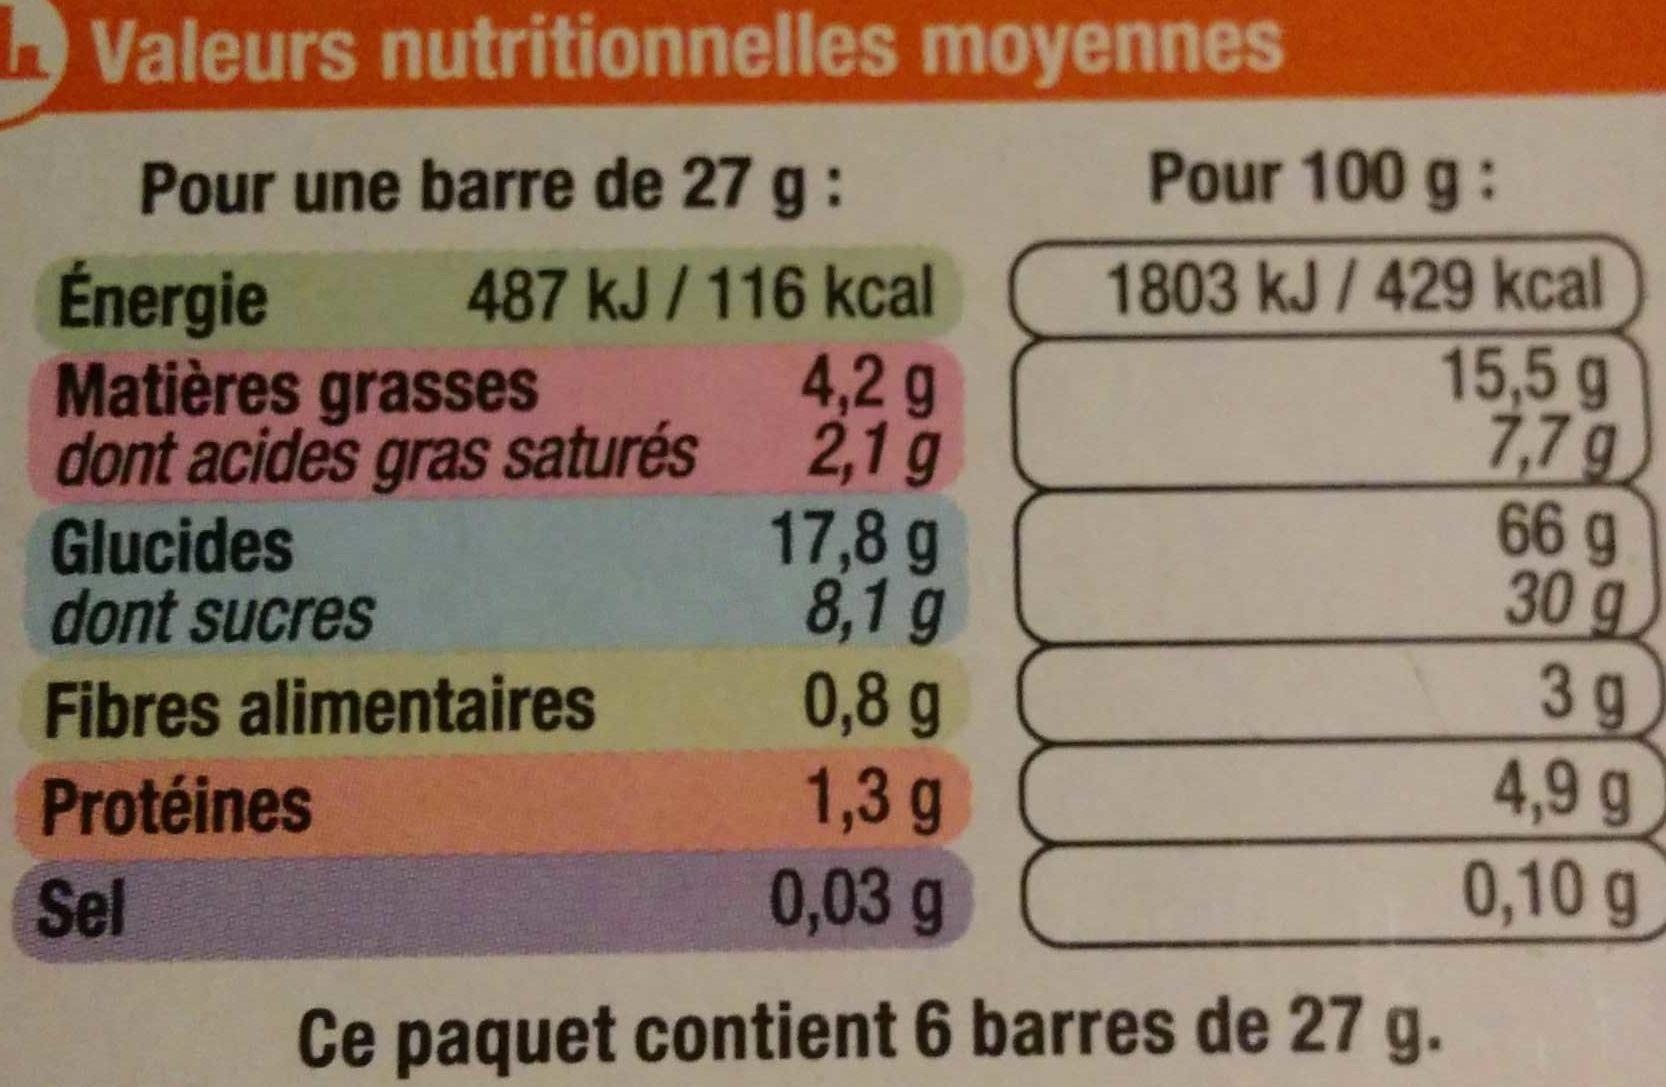 Barre de céréales abricot amande aux 4 céréales - Nutrition facts